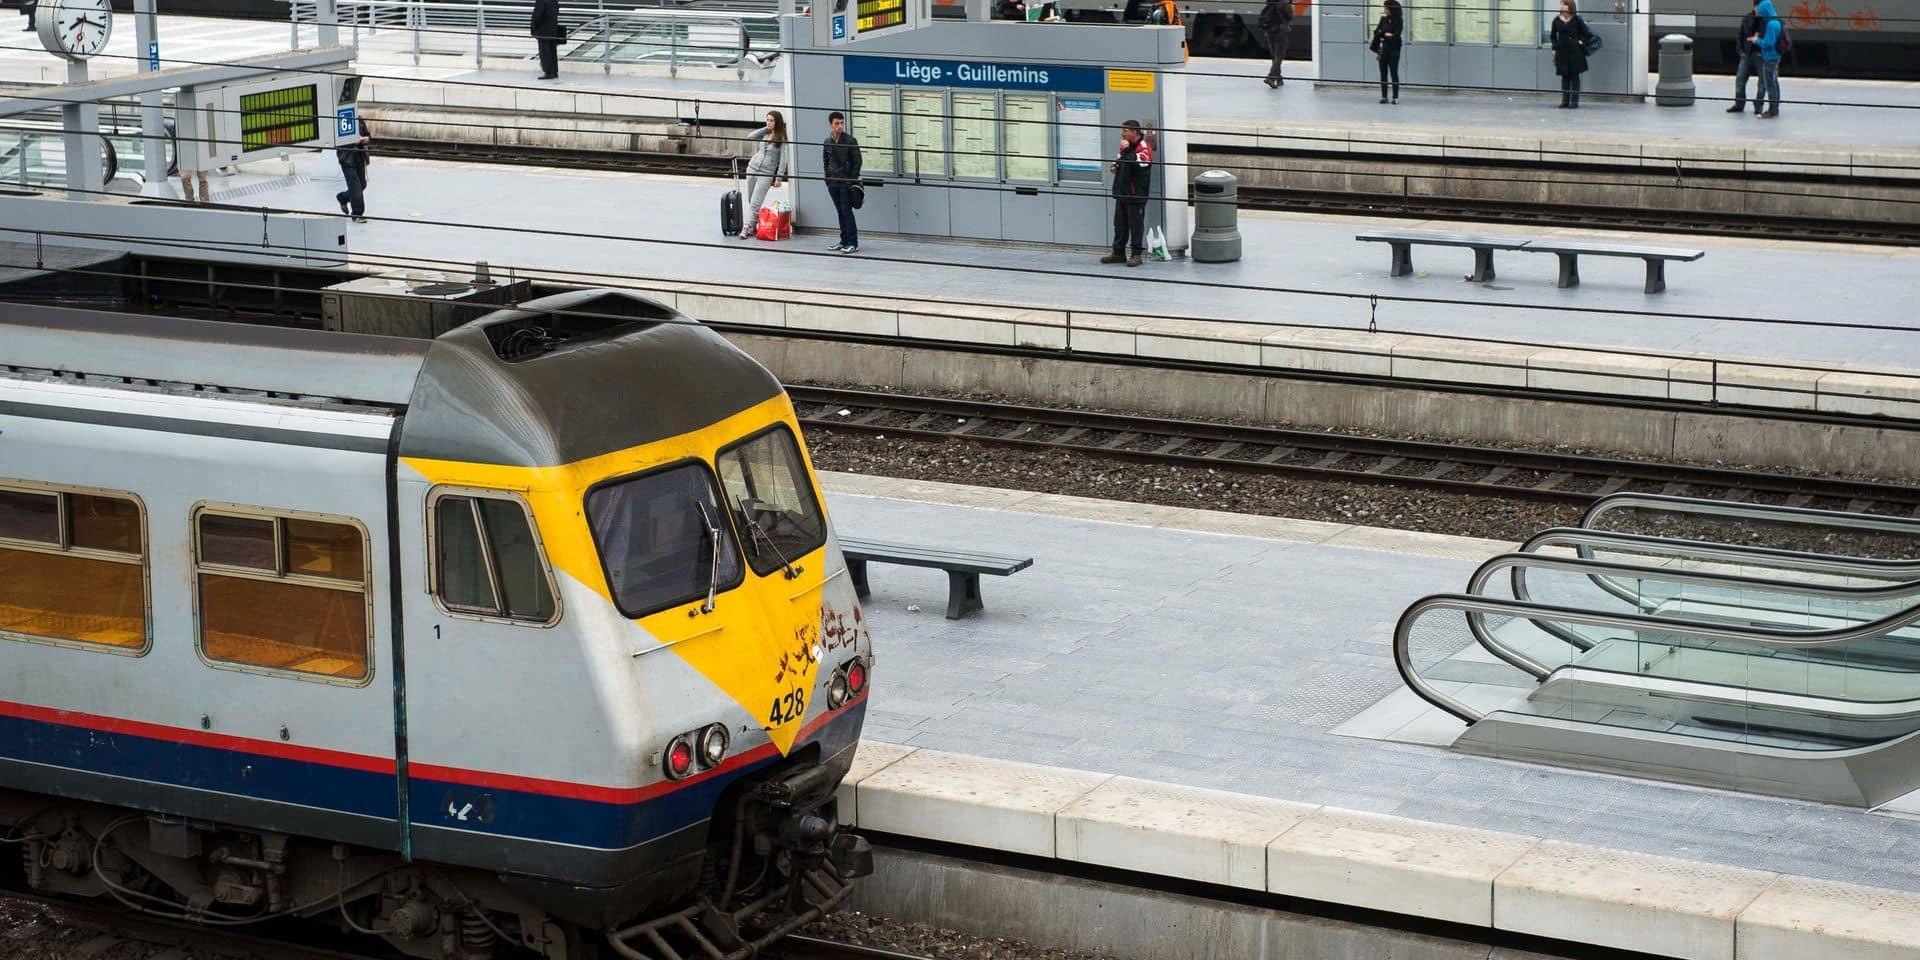 Entreprises ferroviaires cherchent gouvernement de plein exercice